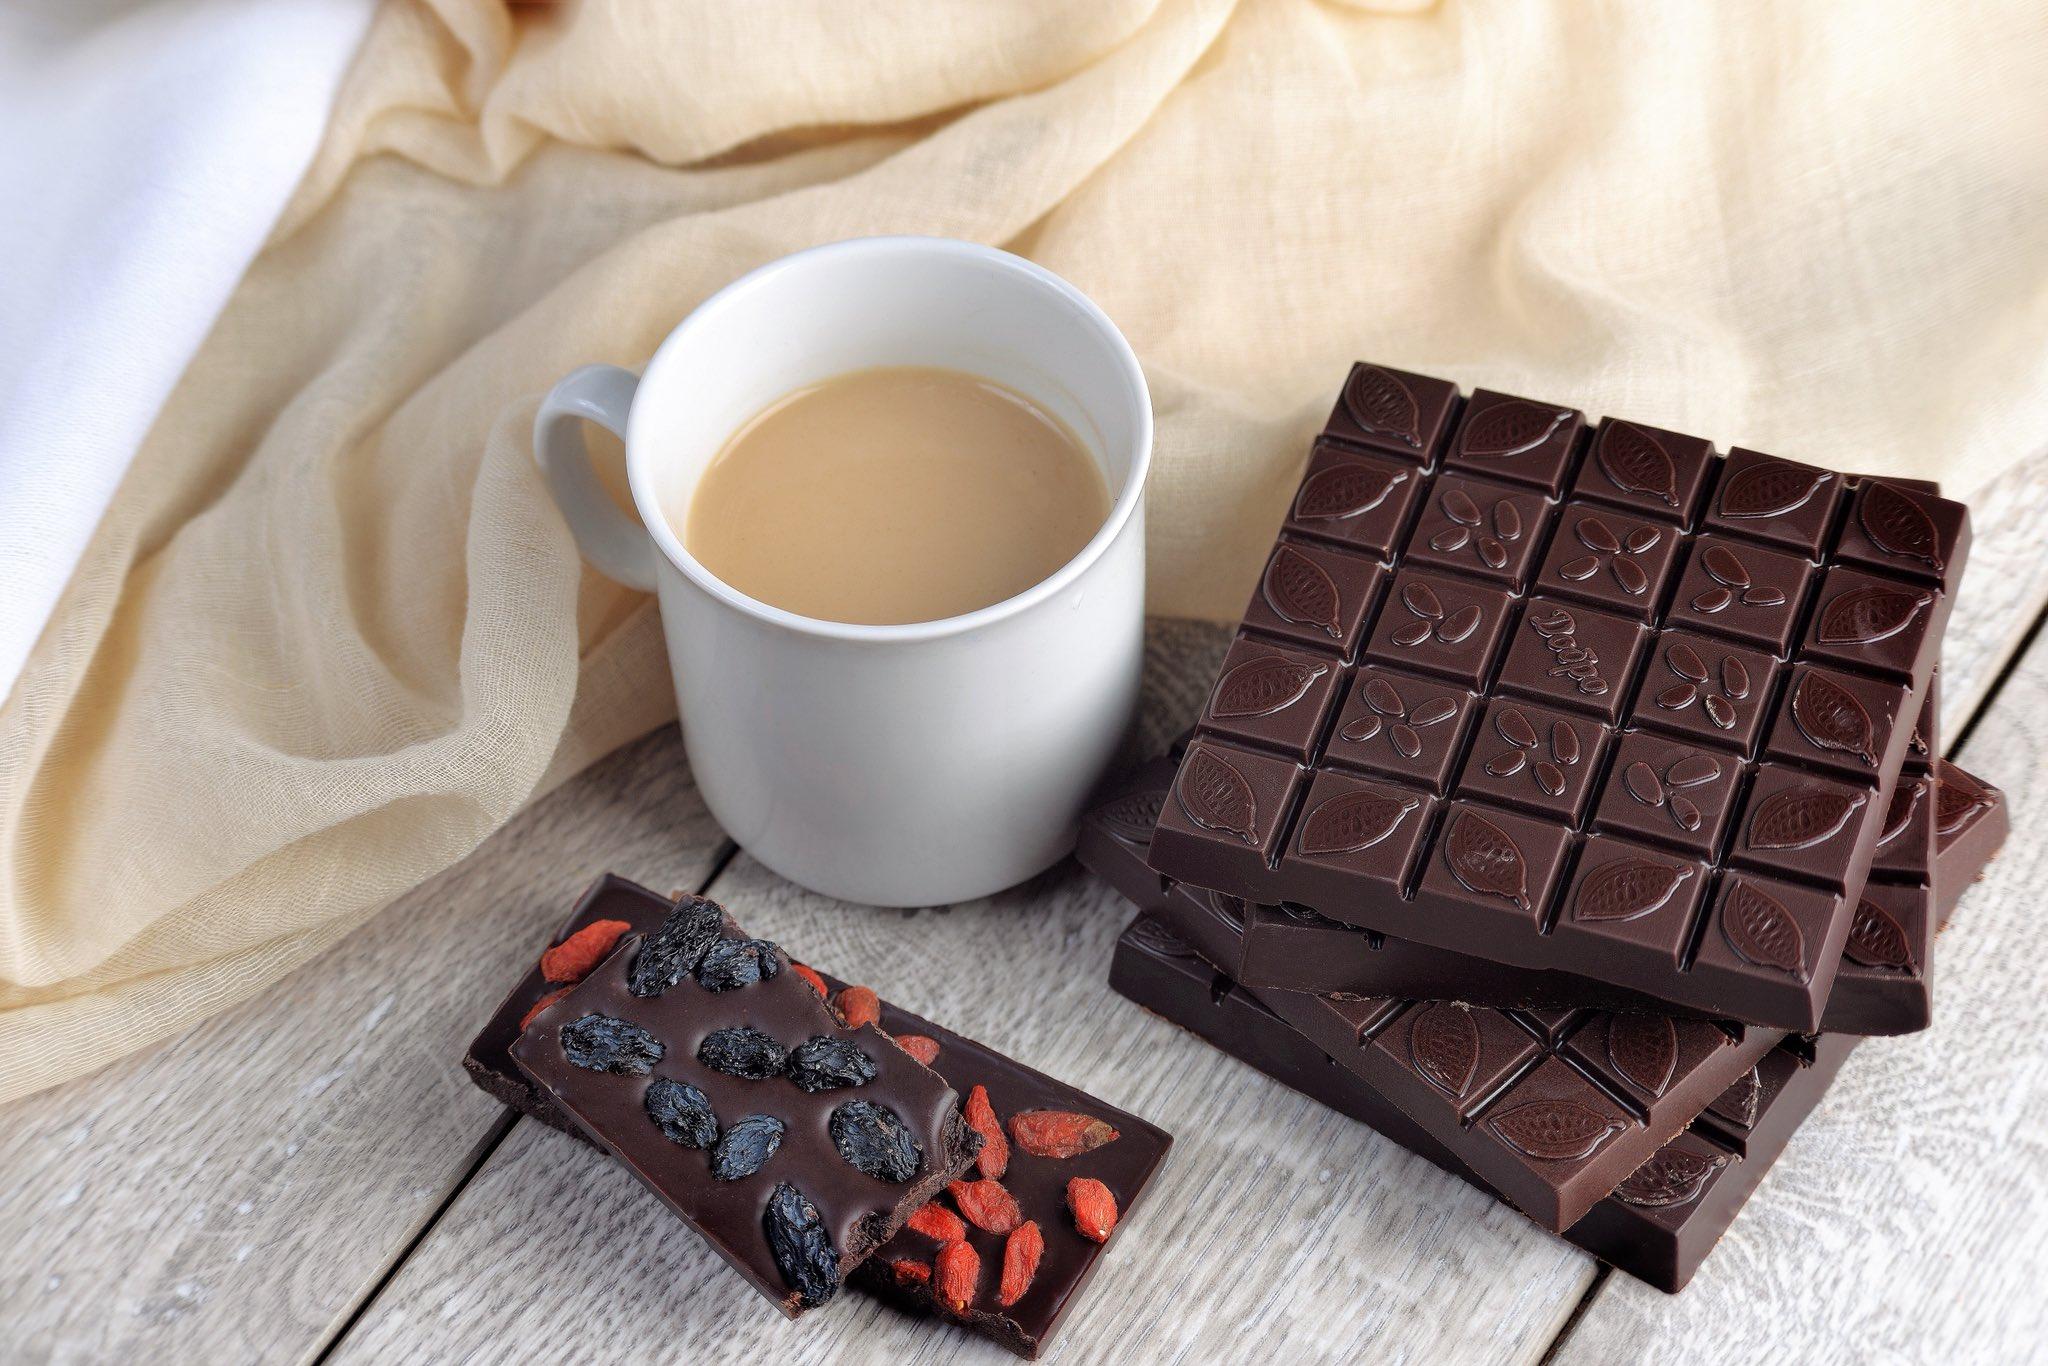 кофе и черный шоколад картинки тому